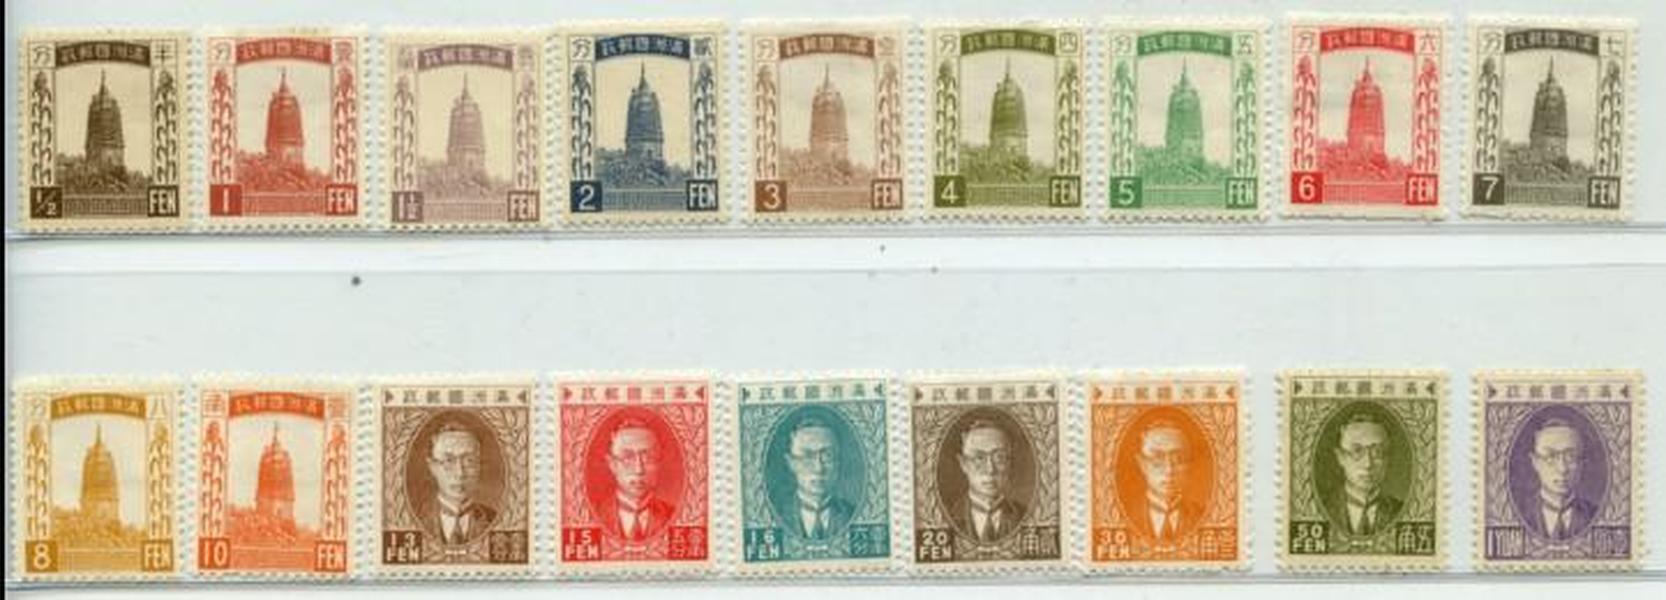 满洲国邮票满普1一版普通邮票新18全原胶贴票上品